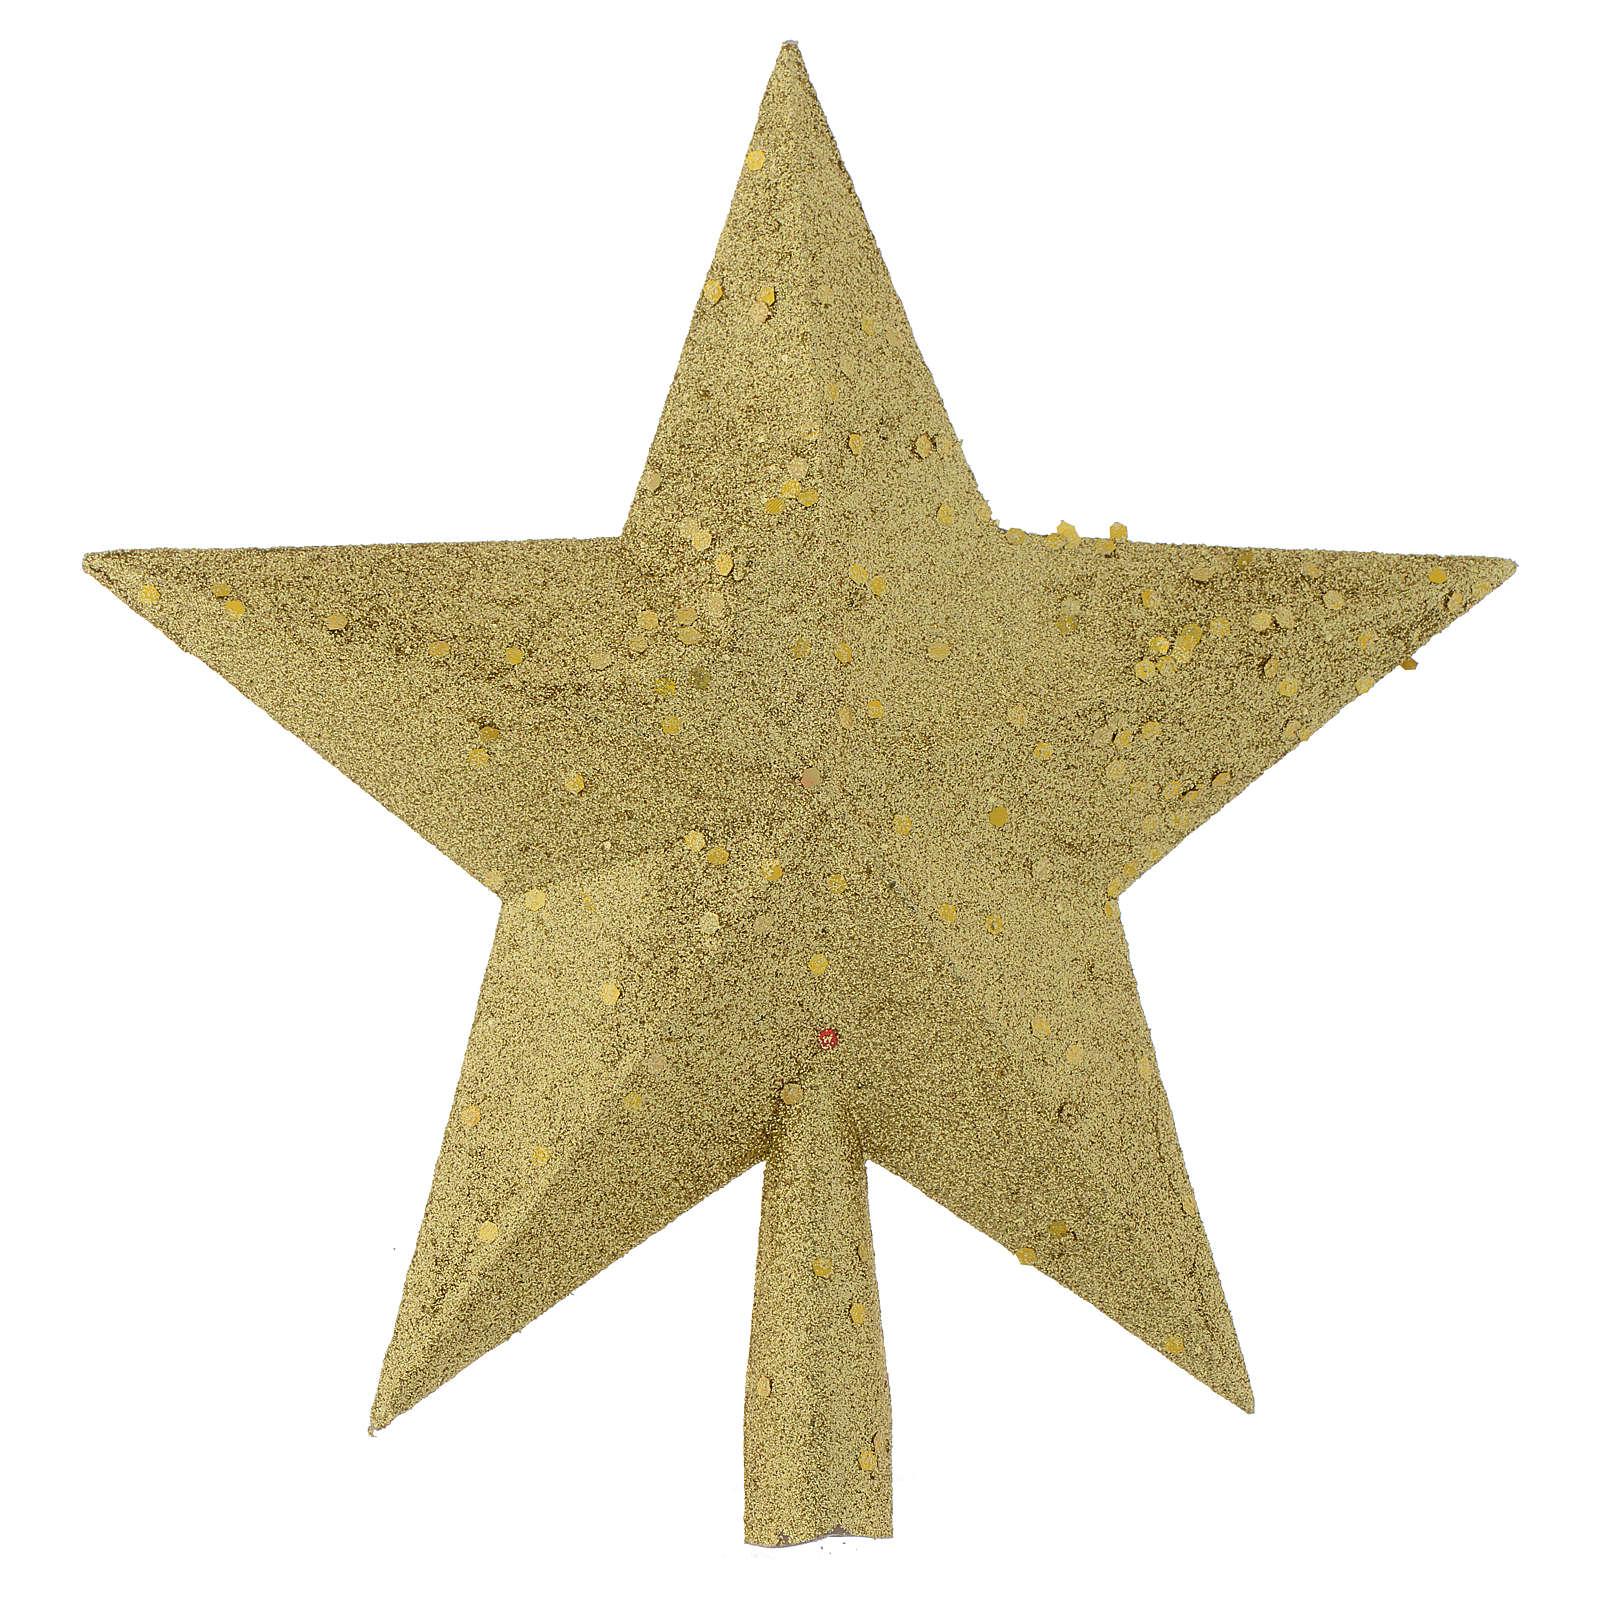 Cimier sapin Noël étoile paillettes dorées 4